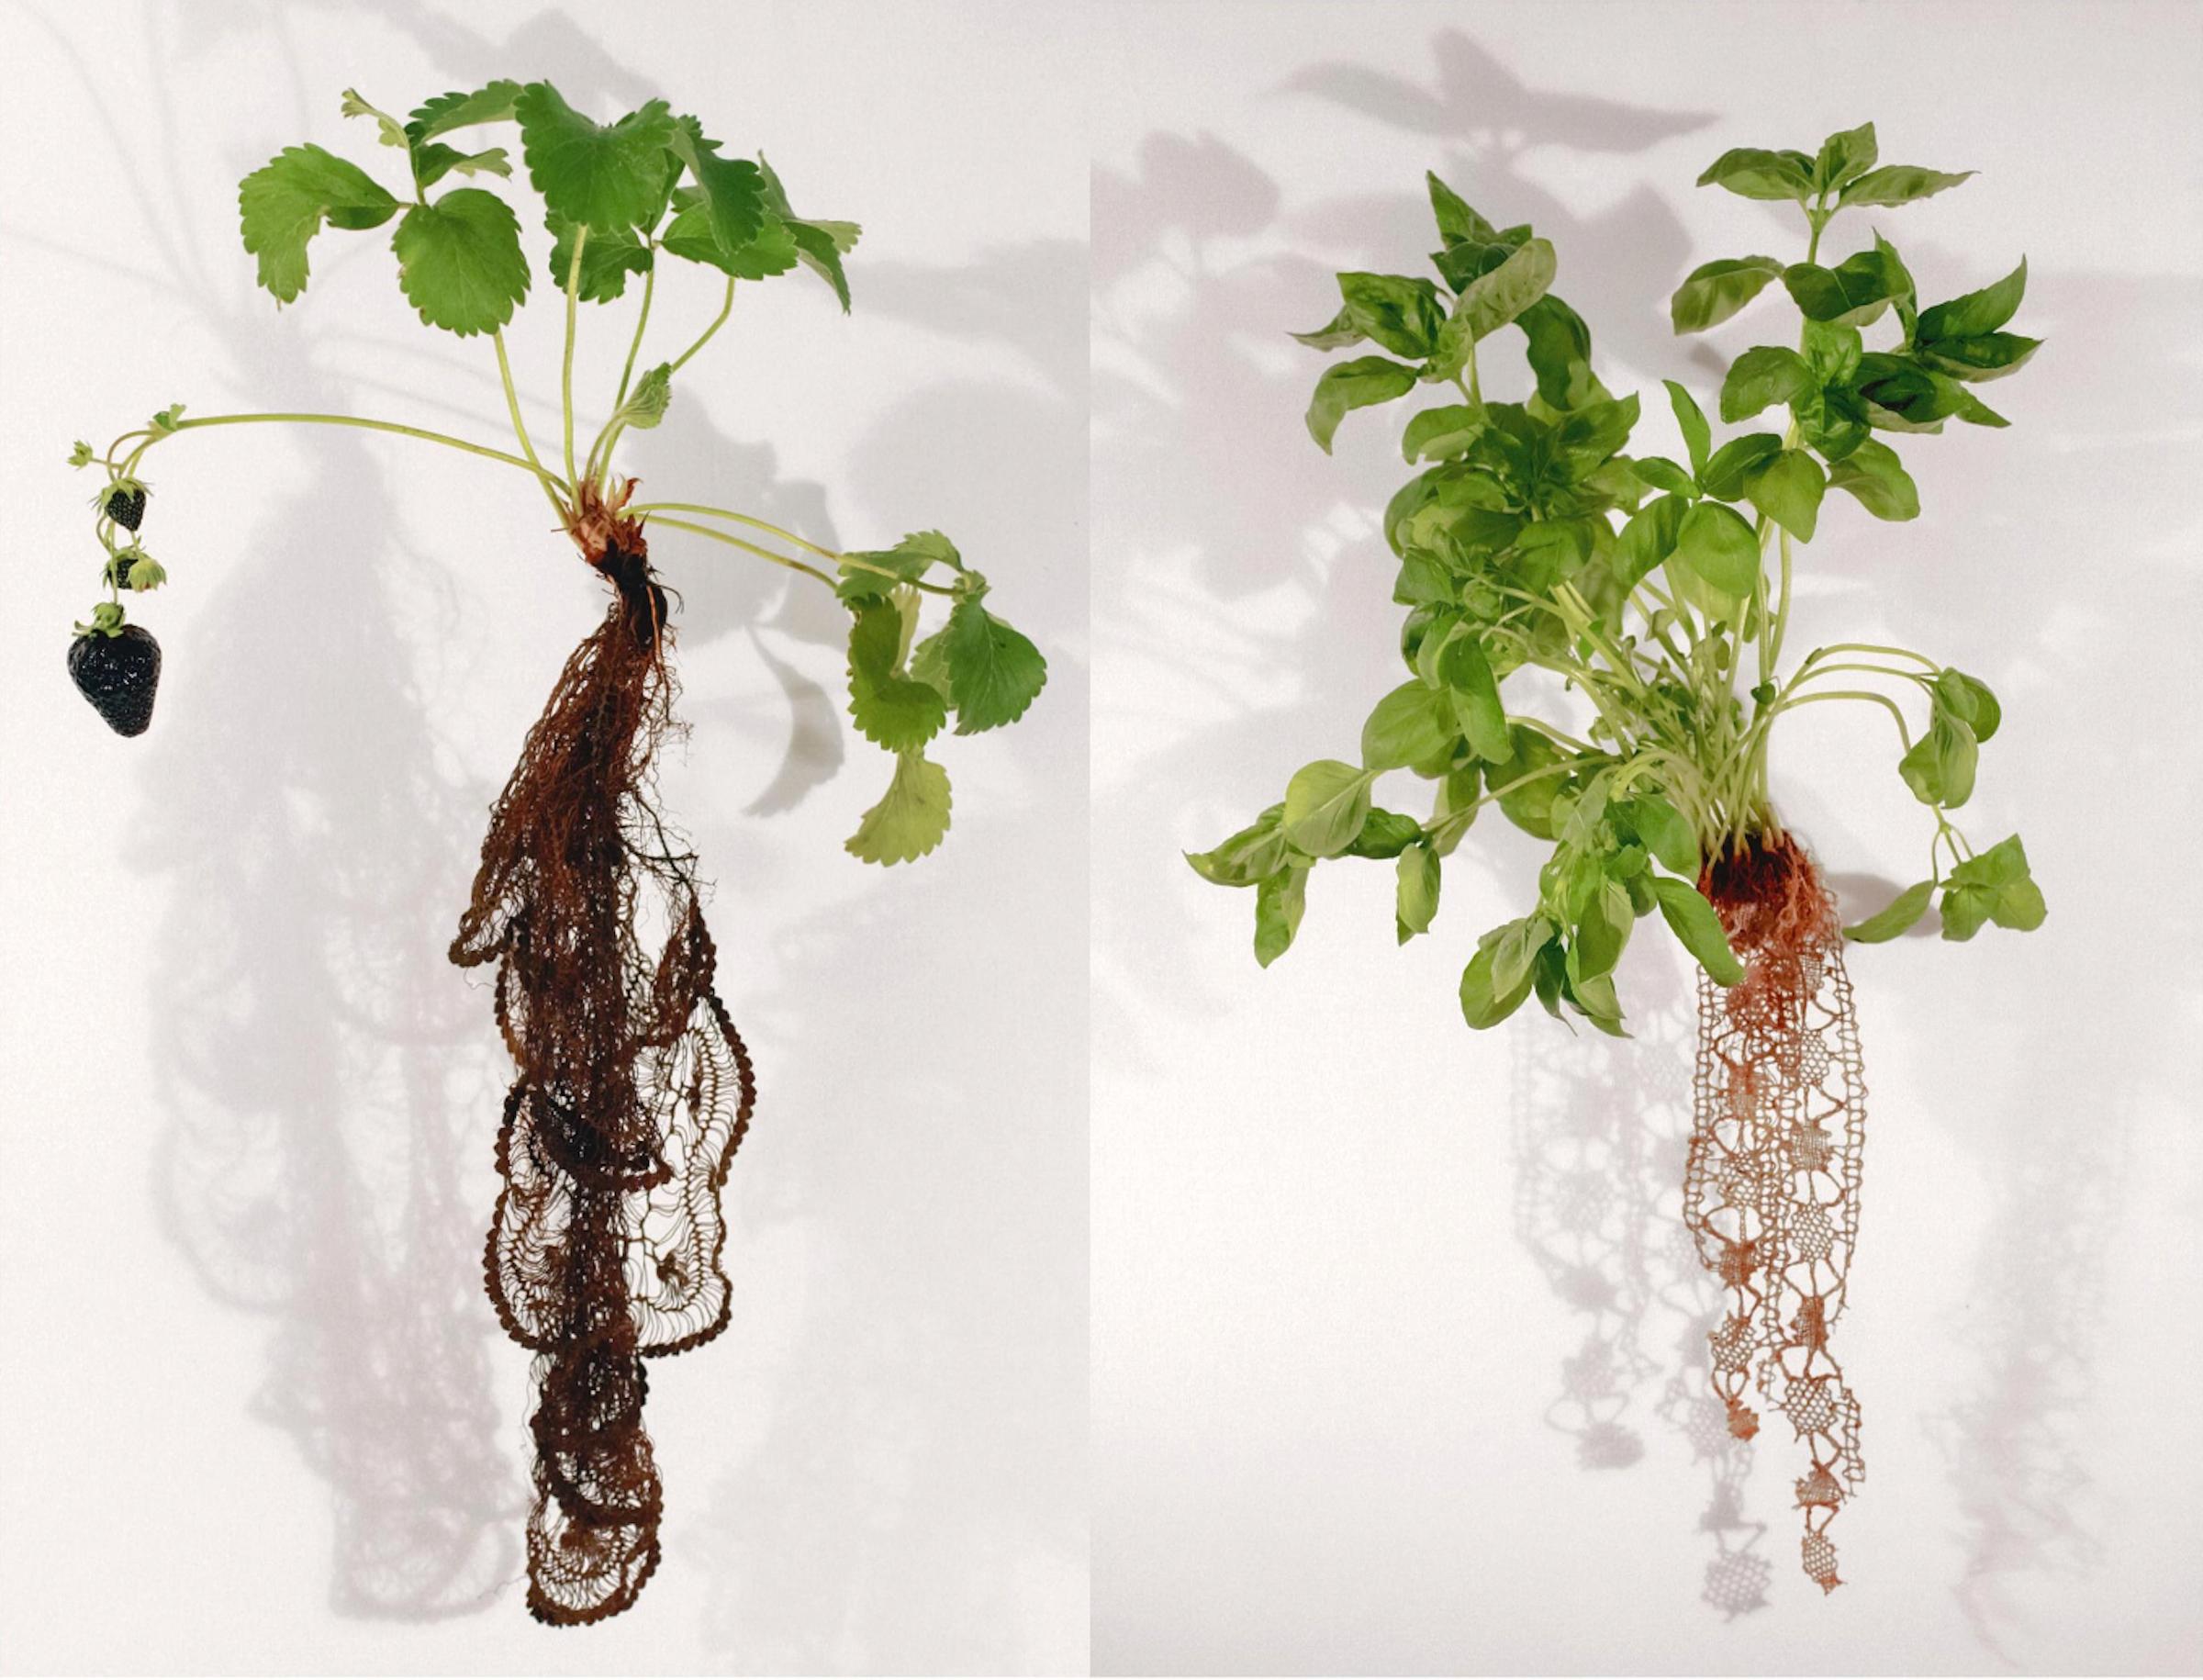 画像: 左から:「Bio-lace series」より「Strawberry Noir」、「Basil n 5」(Carole Collet, 2010-2012)